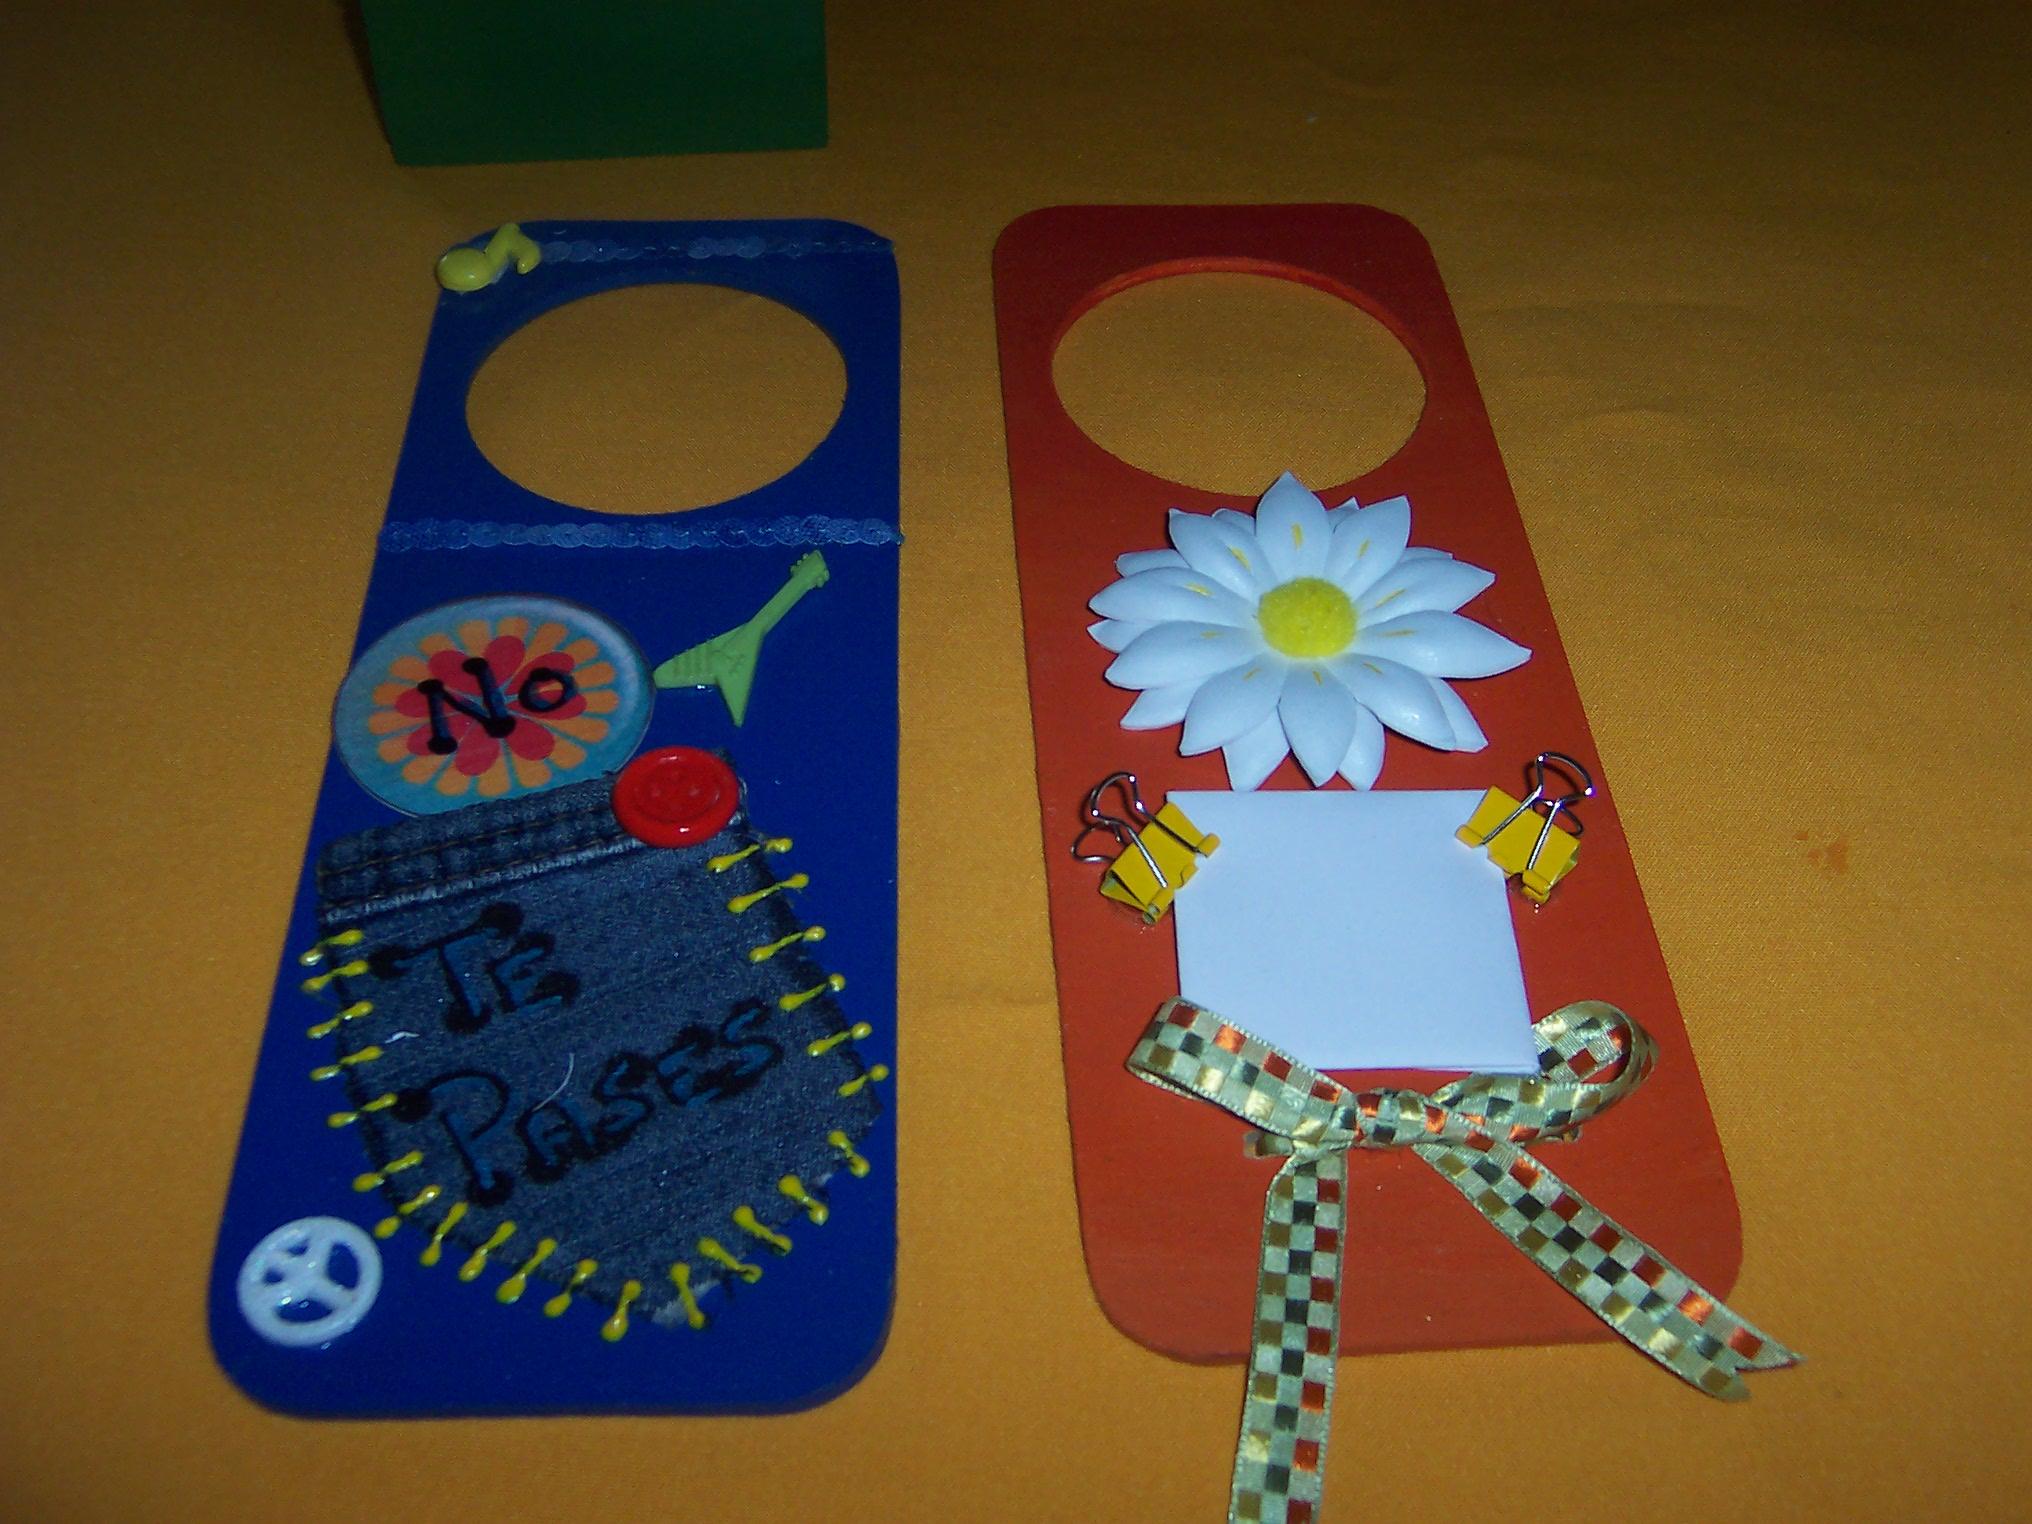 Creatividad y reciclaje manualidades con reciclaje - Reciclaje manualidades decoracion ...